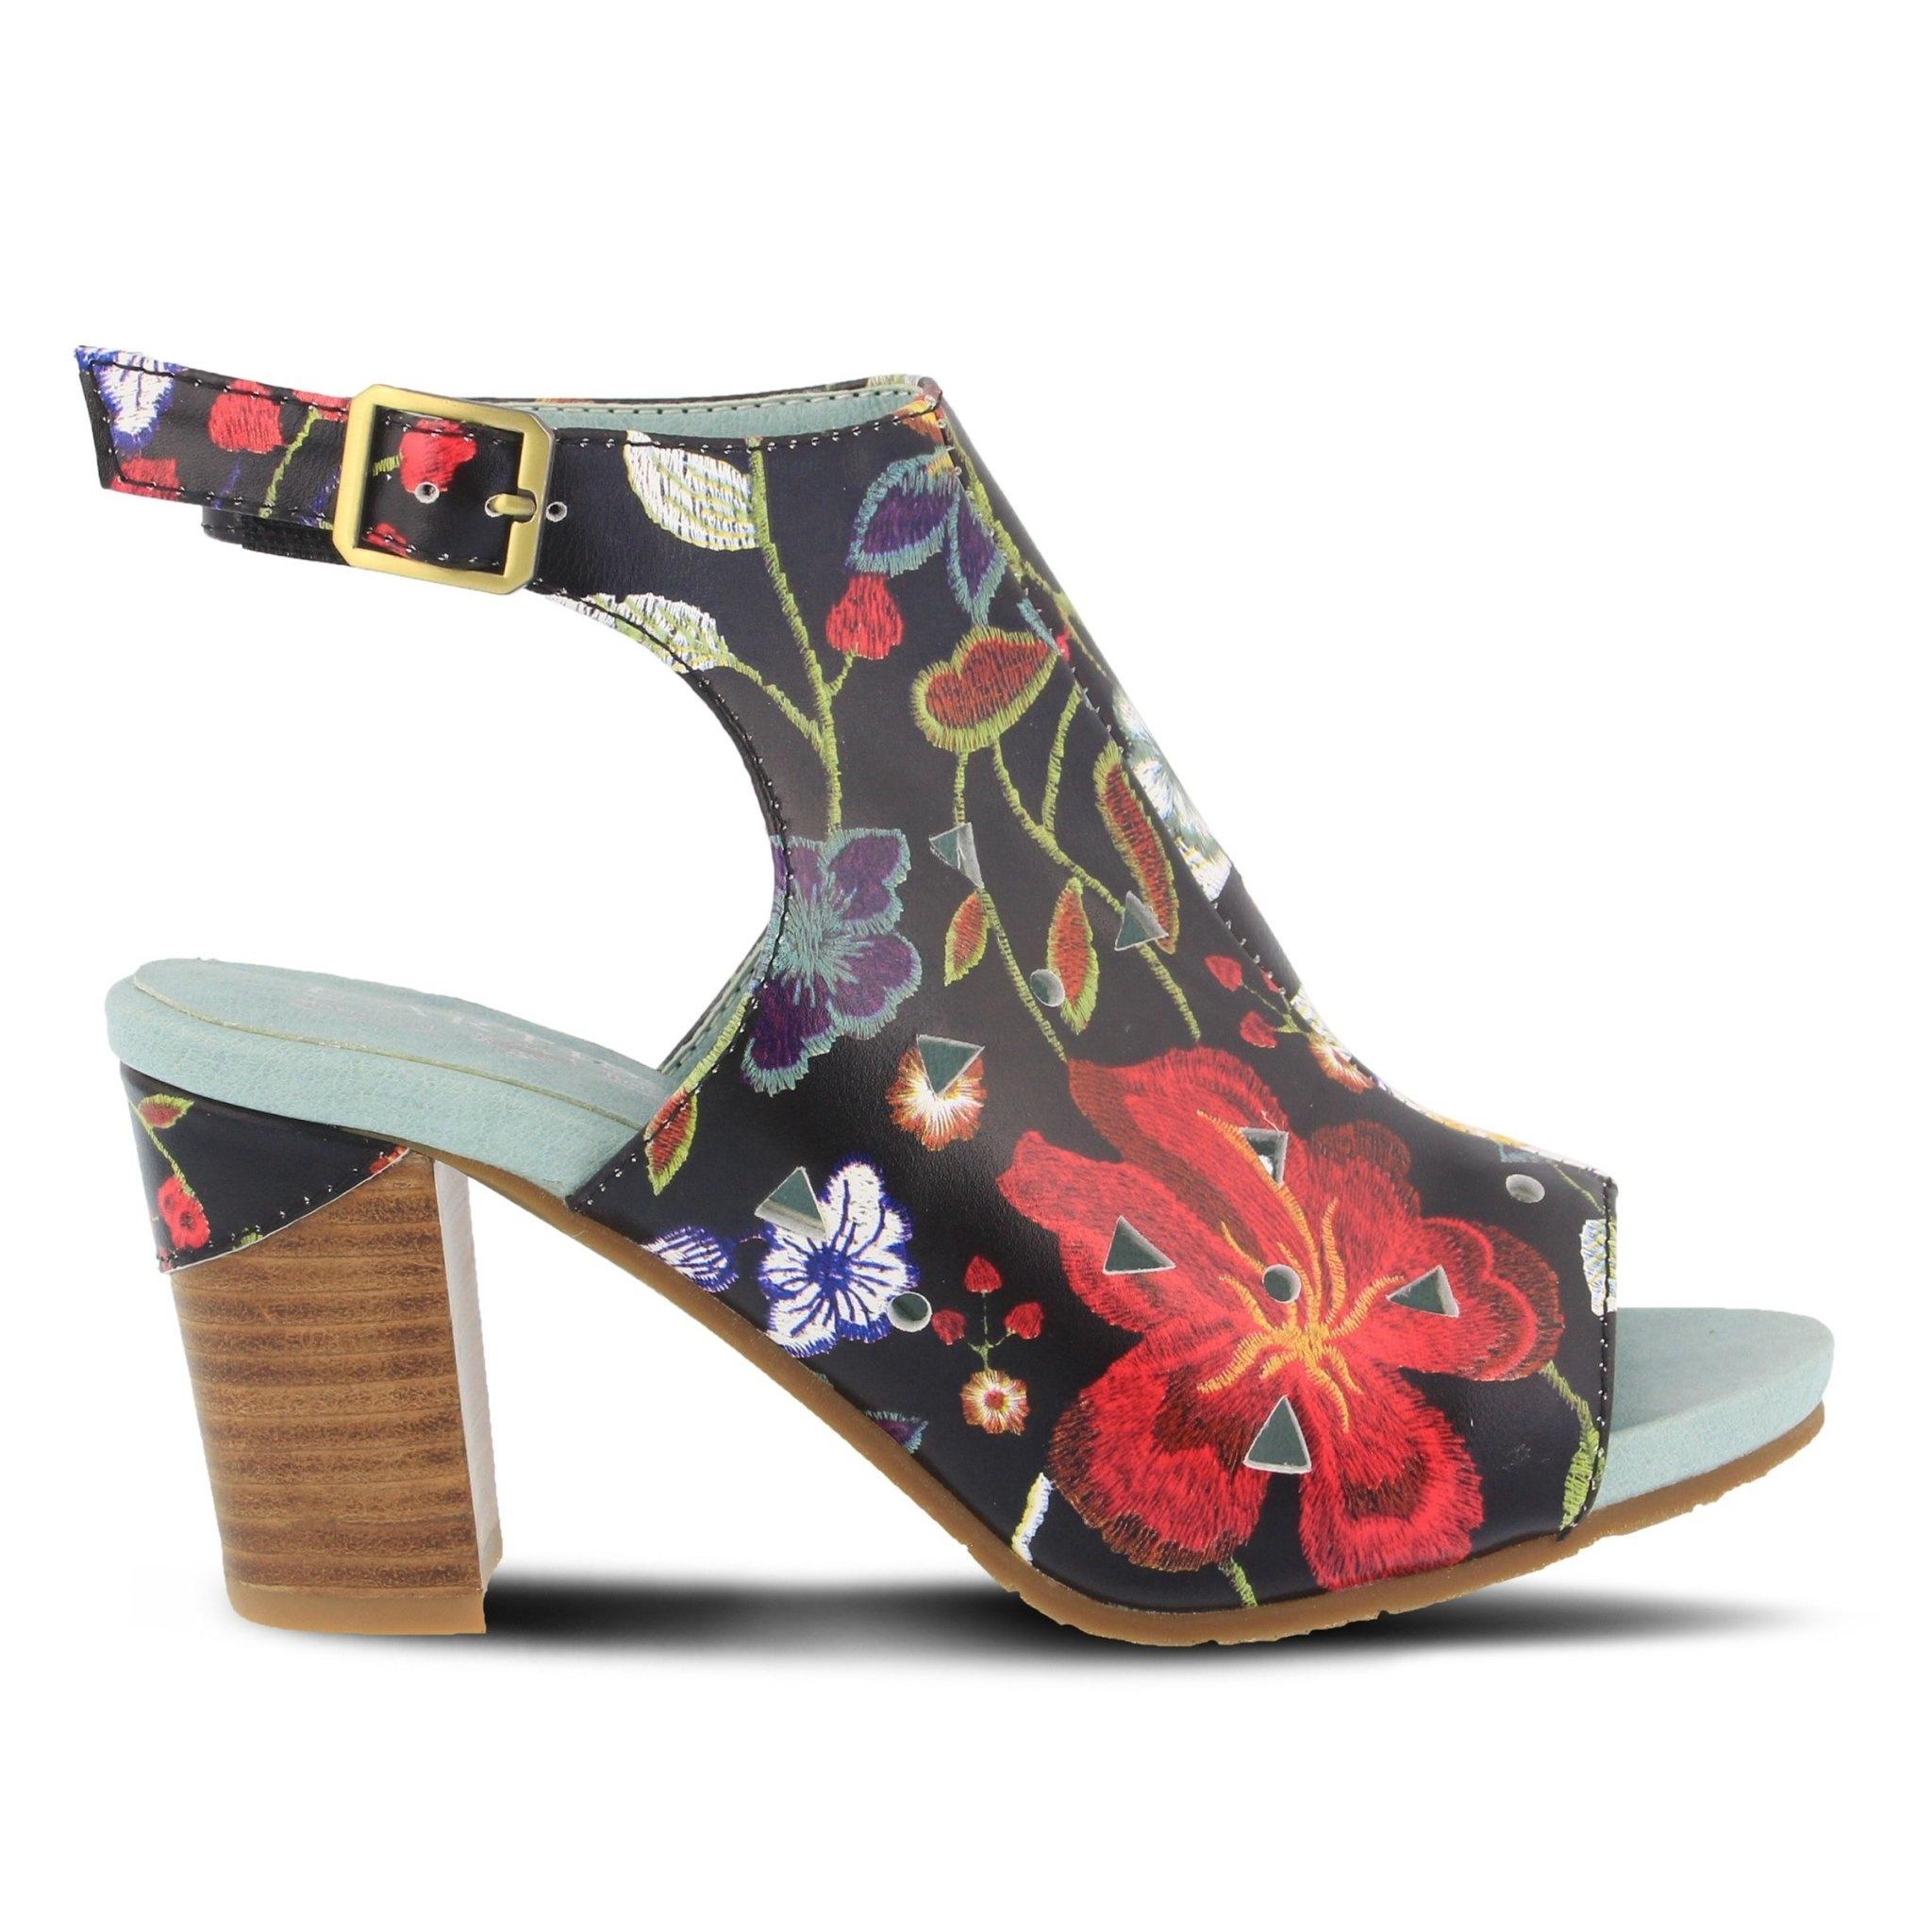 L' Artiste L'Artiste Tapestry Black Multi Heel